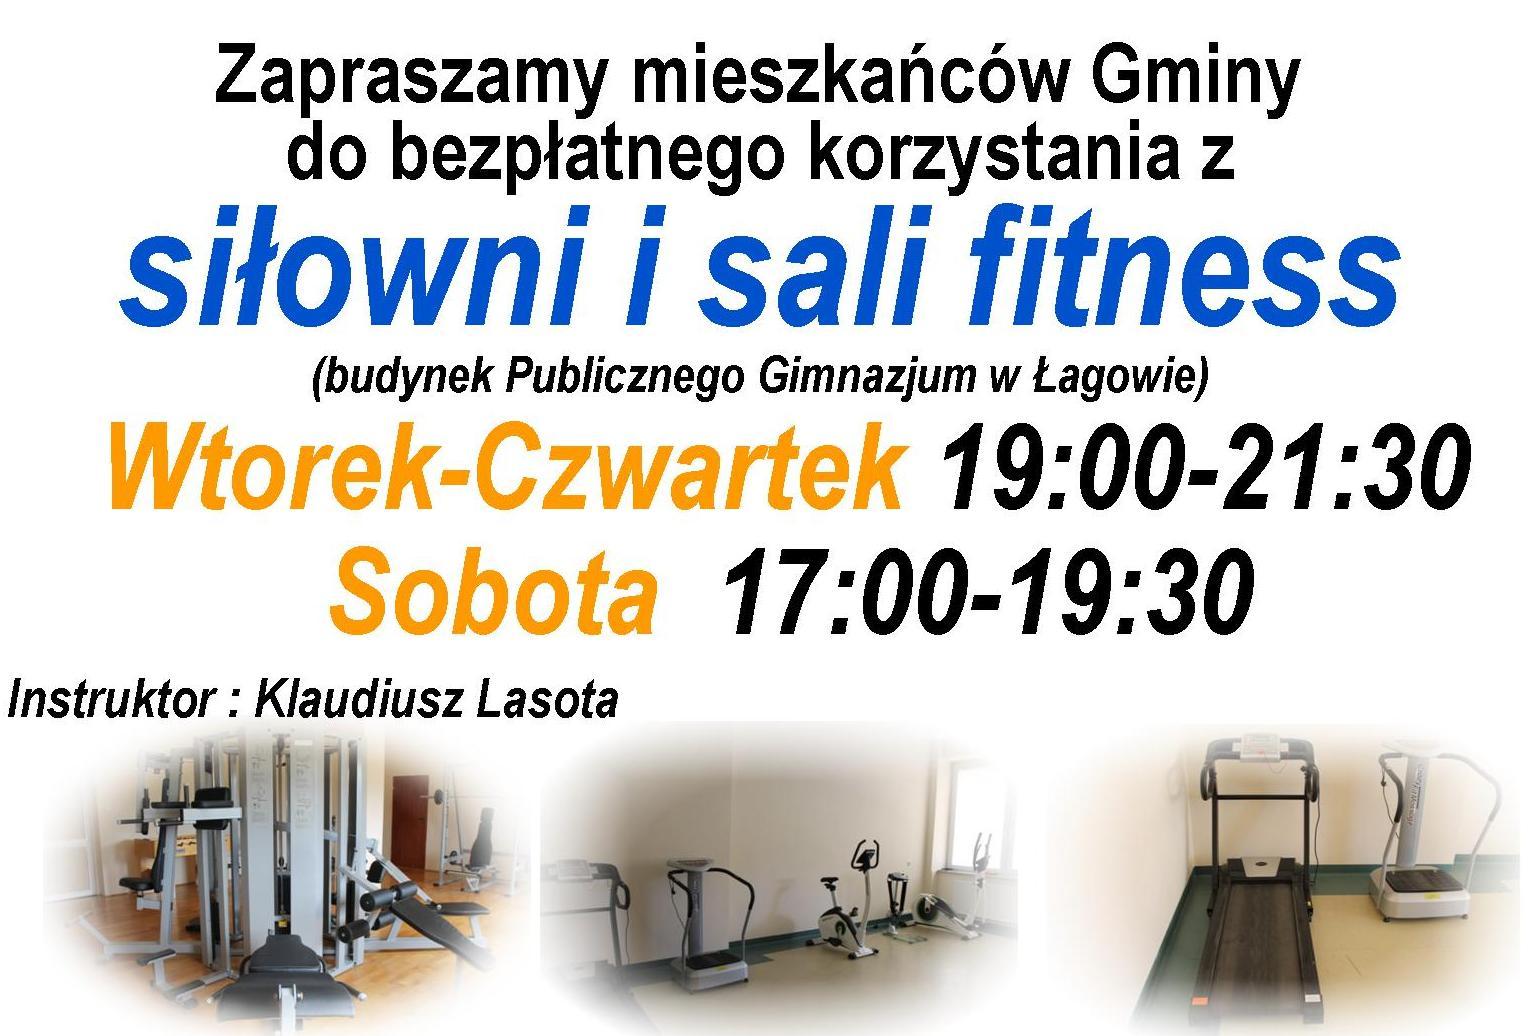 Uwaga: nowe godziny i dni korzystania z siłowni i sali fitness - zapraszamy!